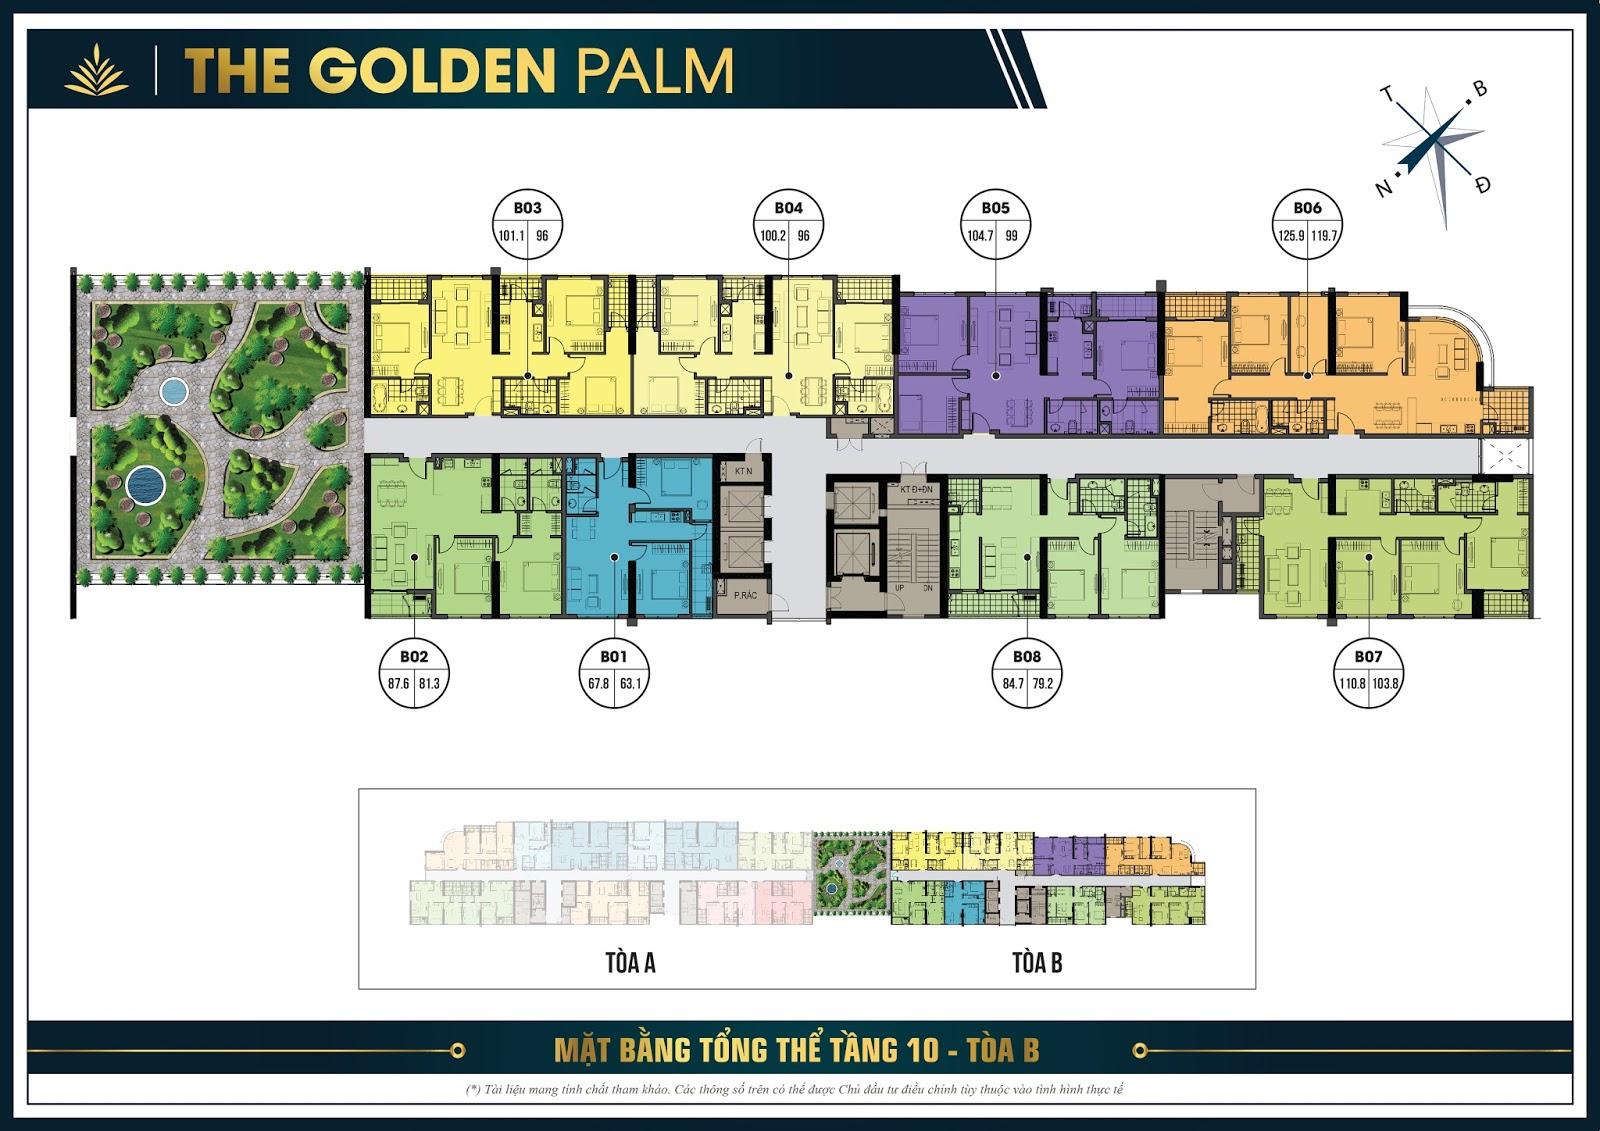 Thiết kế mặt bằng căn hộ điển hình tầng 10 tòa B - The Golden Palm